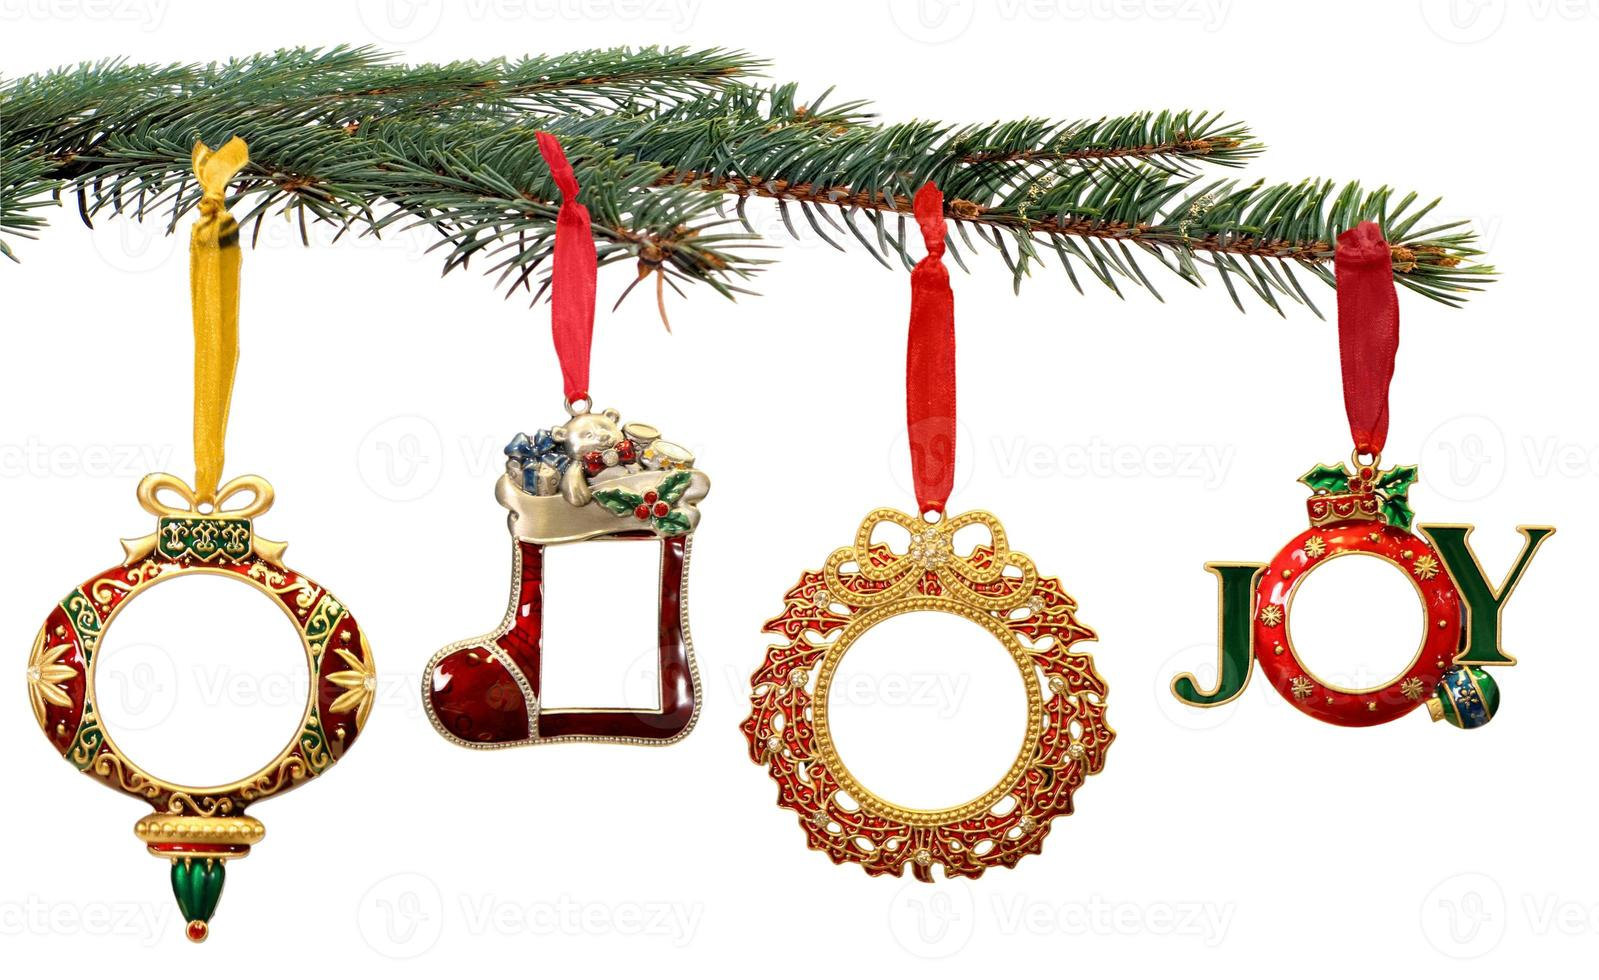 handmålade julprydnader som hänger på en trädgren foto